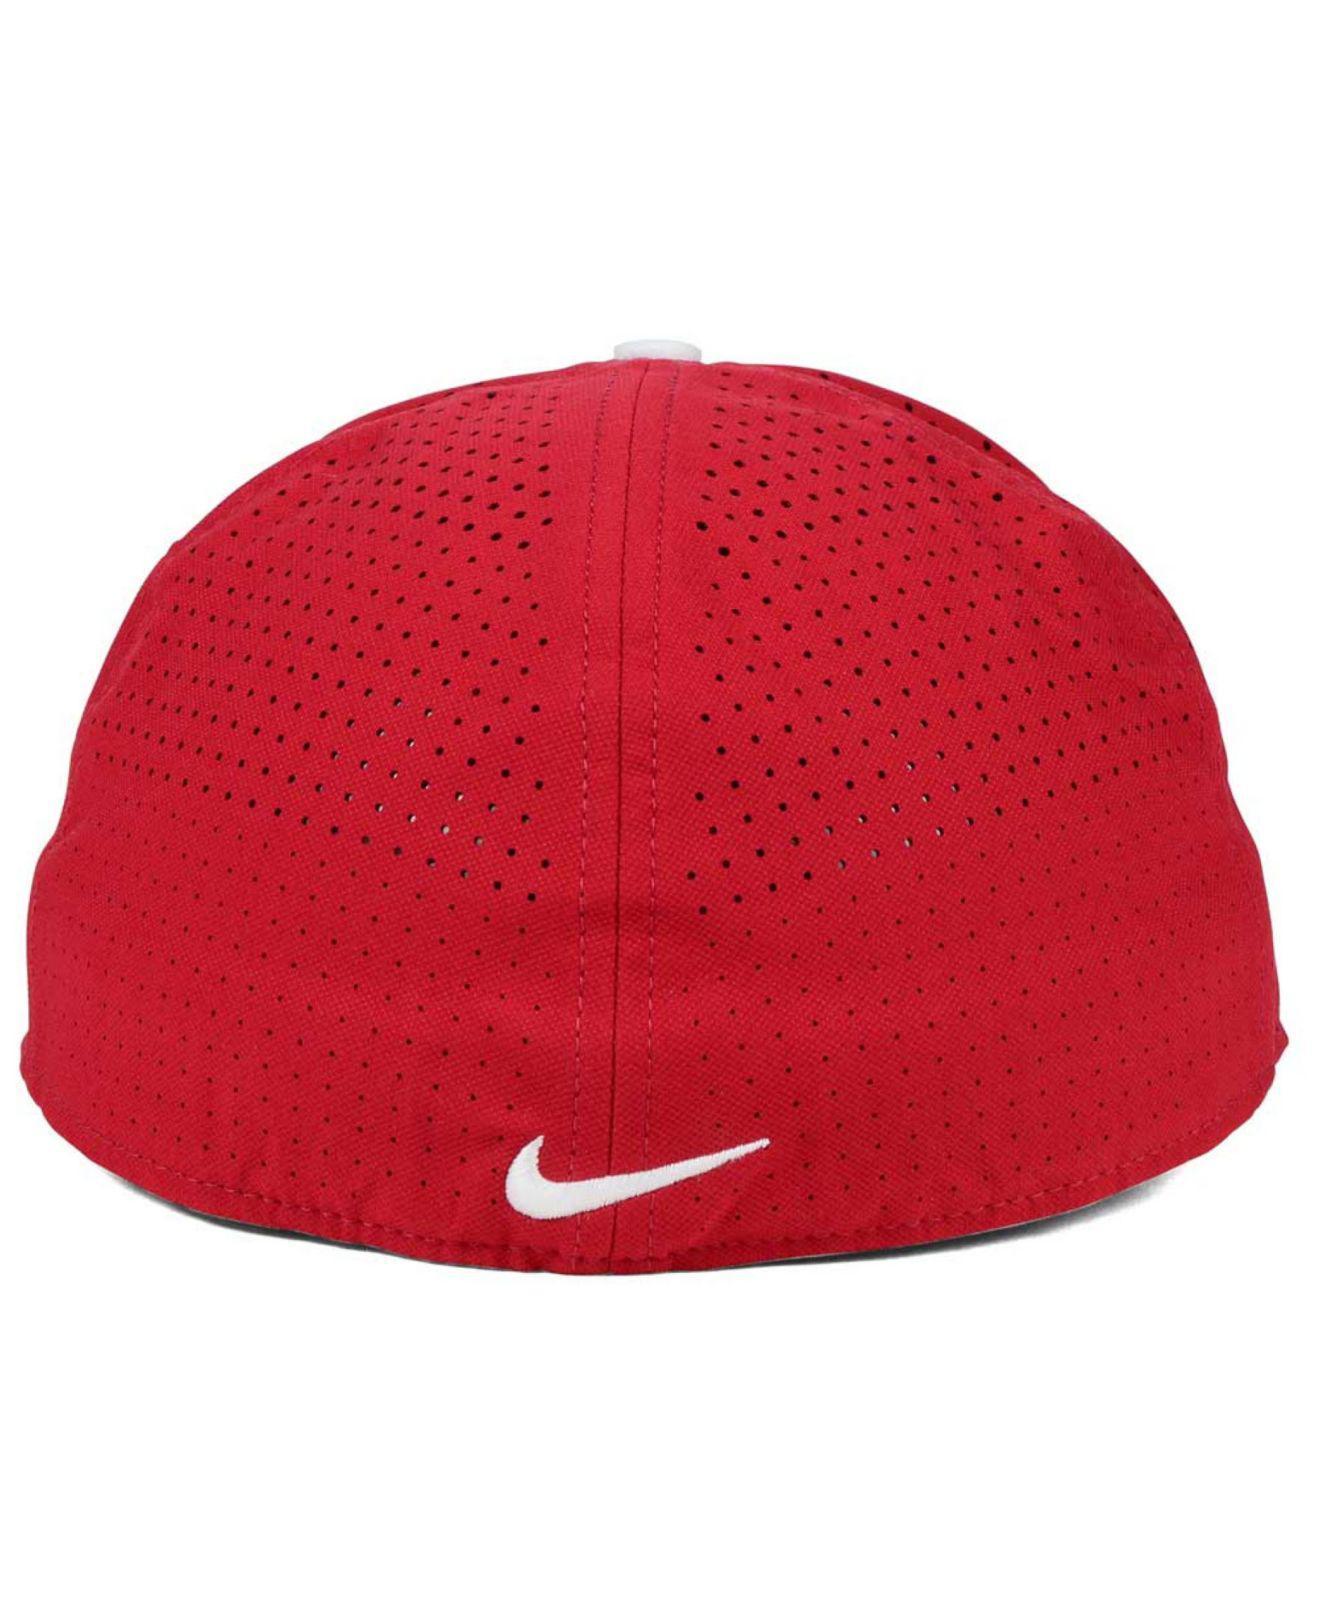 4c465b80a3be1 ... adjustable hat f6e17 b52ea  hot nike red alabama crimson tide true  vapor fitted cap for men lyst. view fullscreen